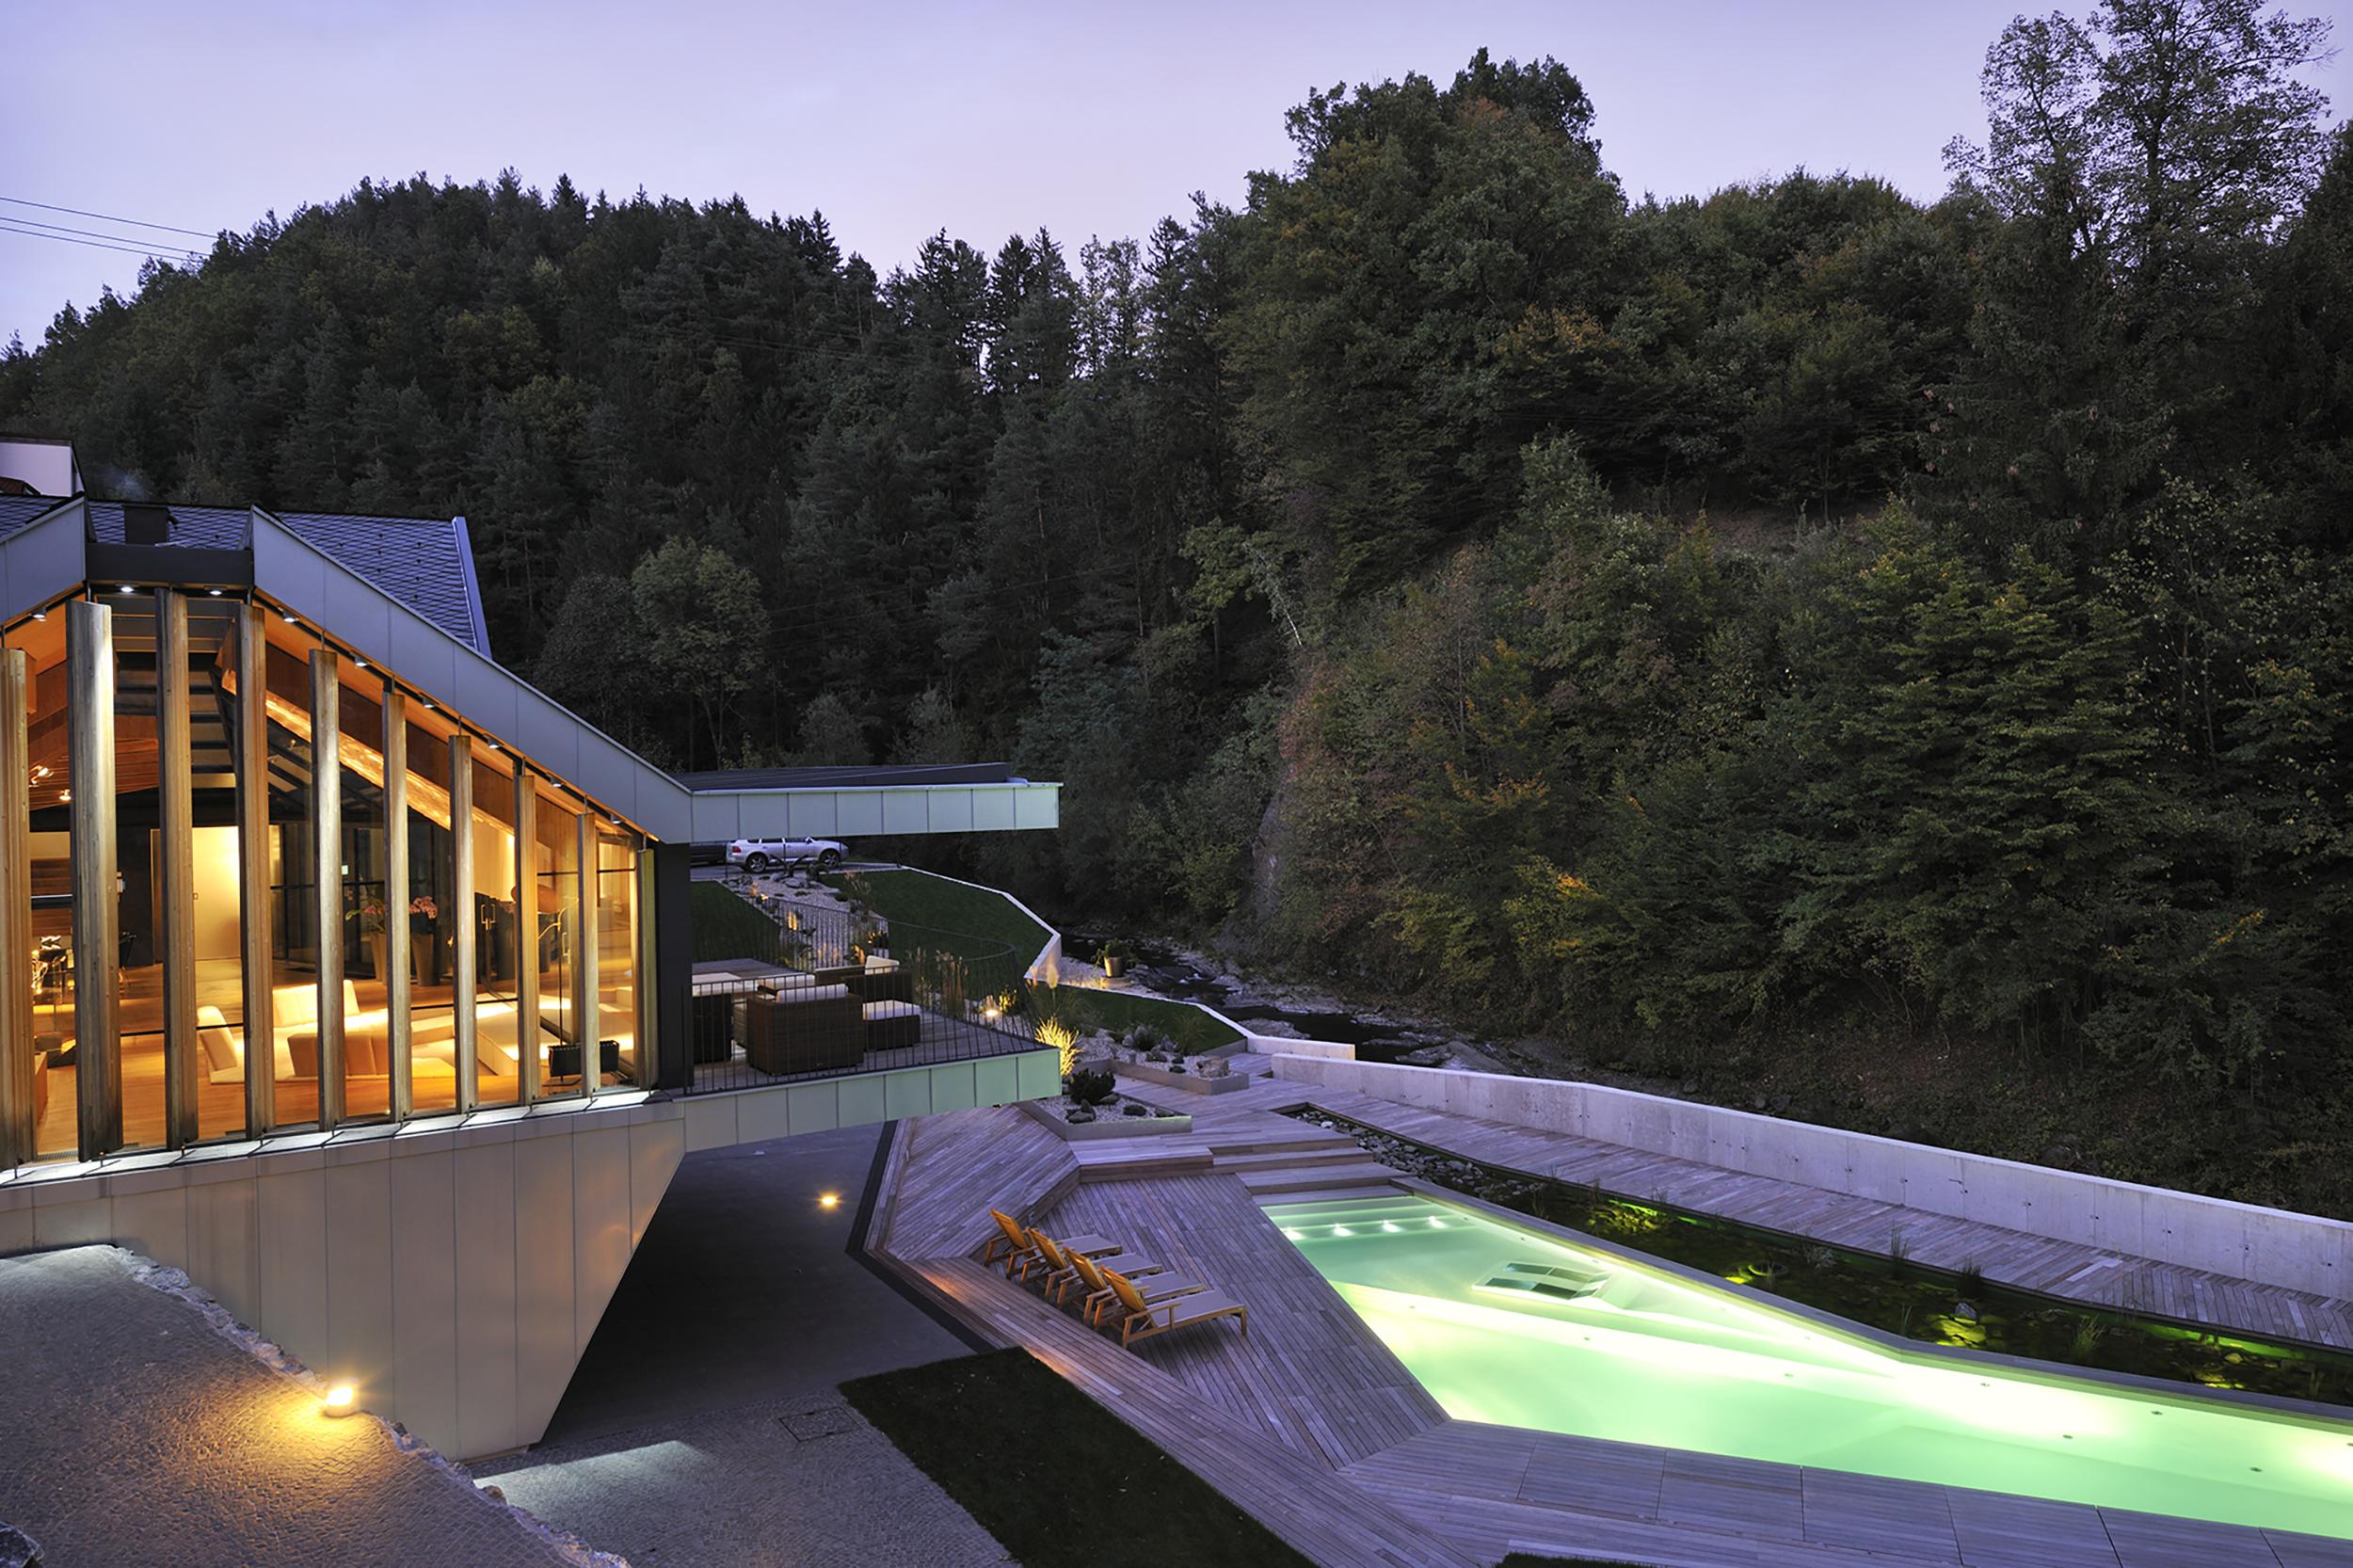 ljubno bruto vrt garden hiša potok pool bazen